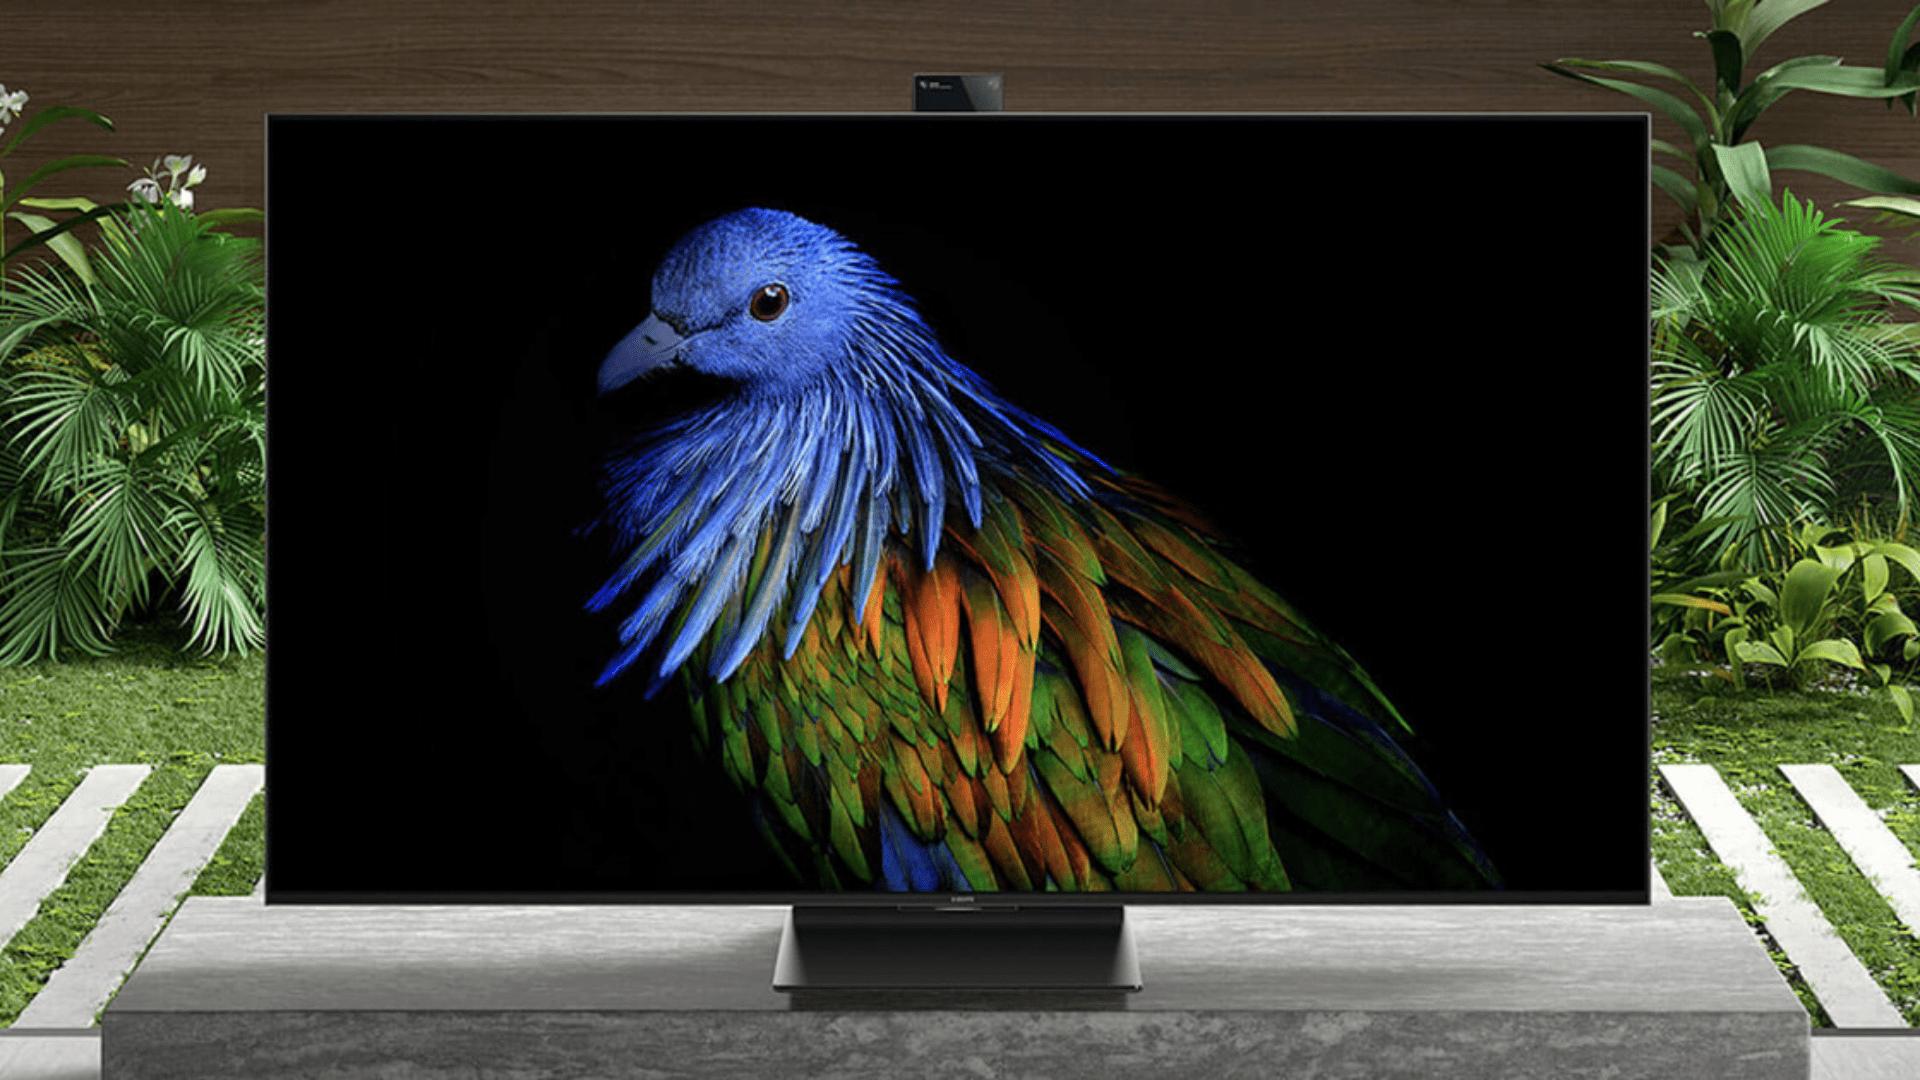 TV da Xiaomi chega com câmera e recursos para otimizar a experiência com jogos. (Imagem: Divulgação/Xiaomi)